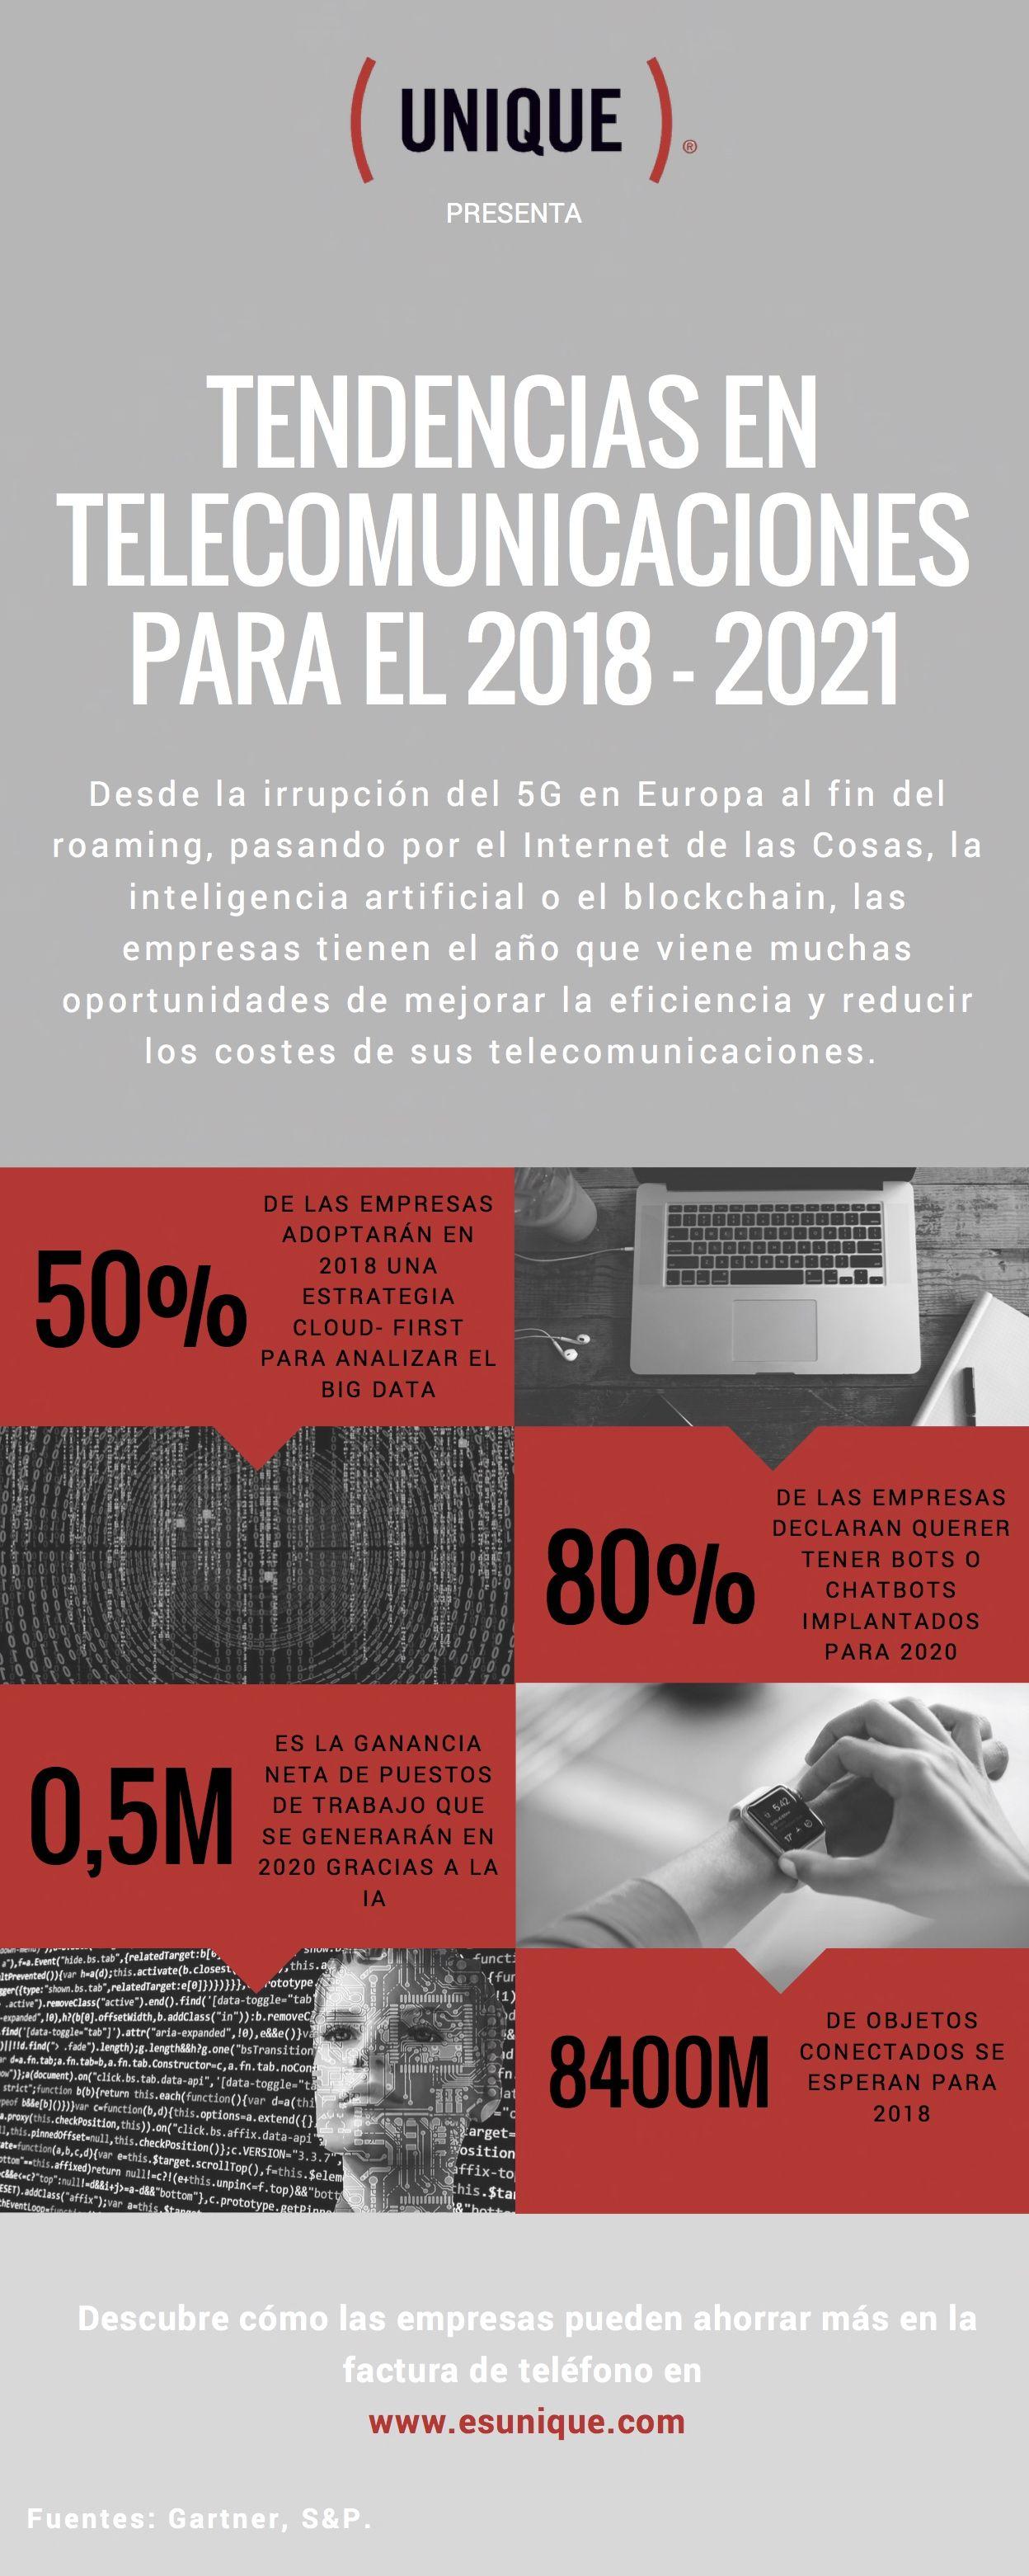 Fotografia Infografía Unique Tendencias en Telecomunicaciones 2018